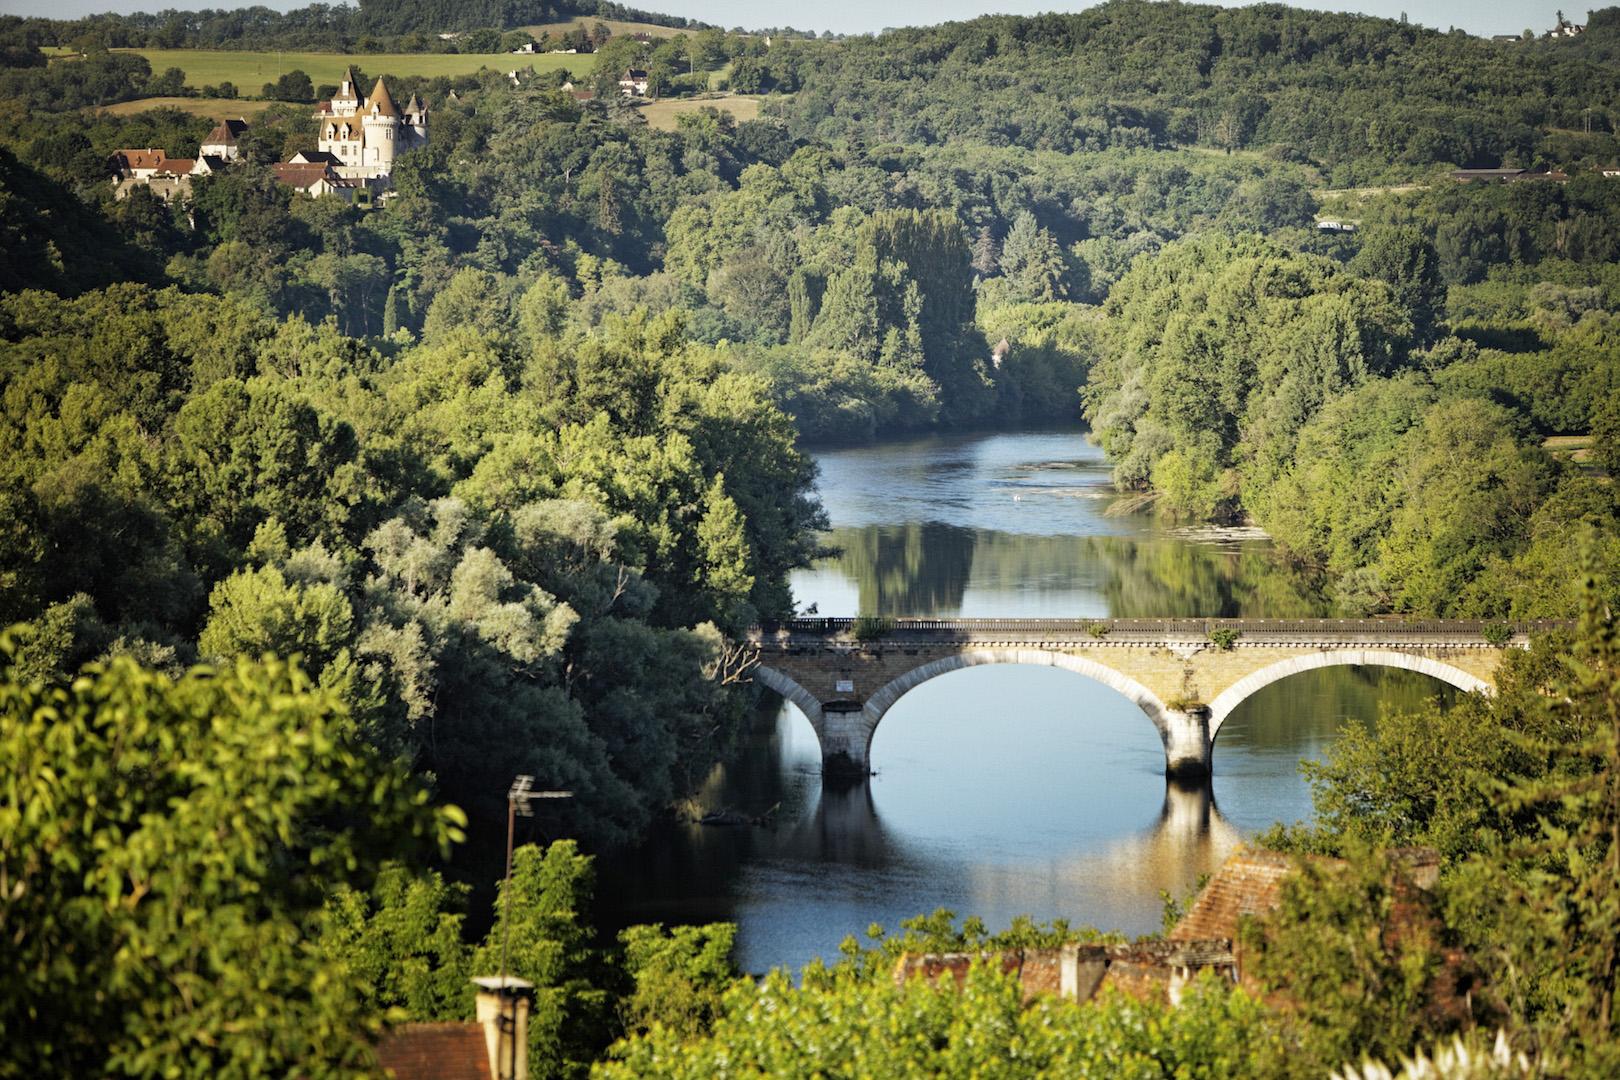 la rivière Dordogne vue de montgolfière